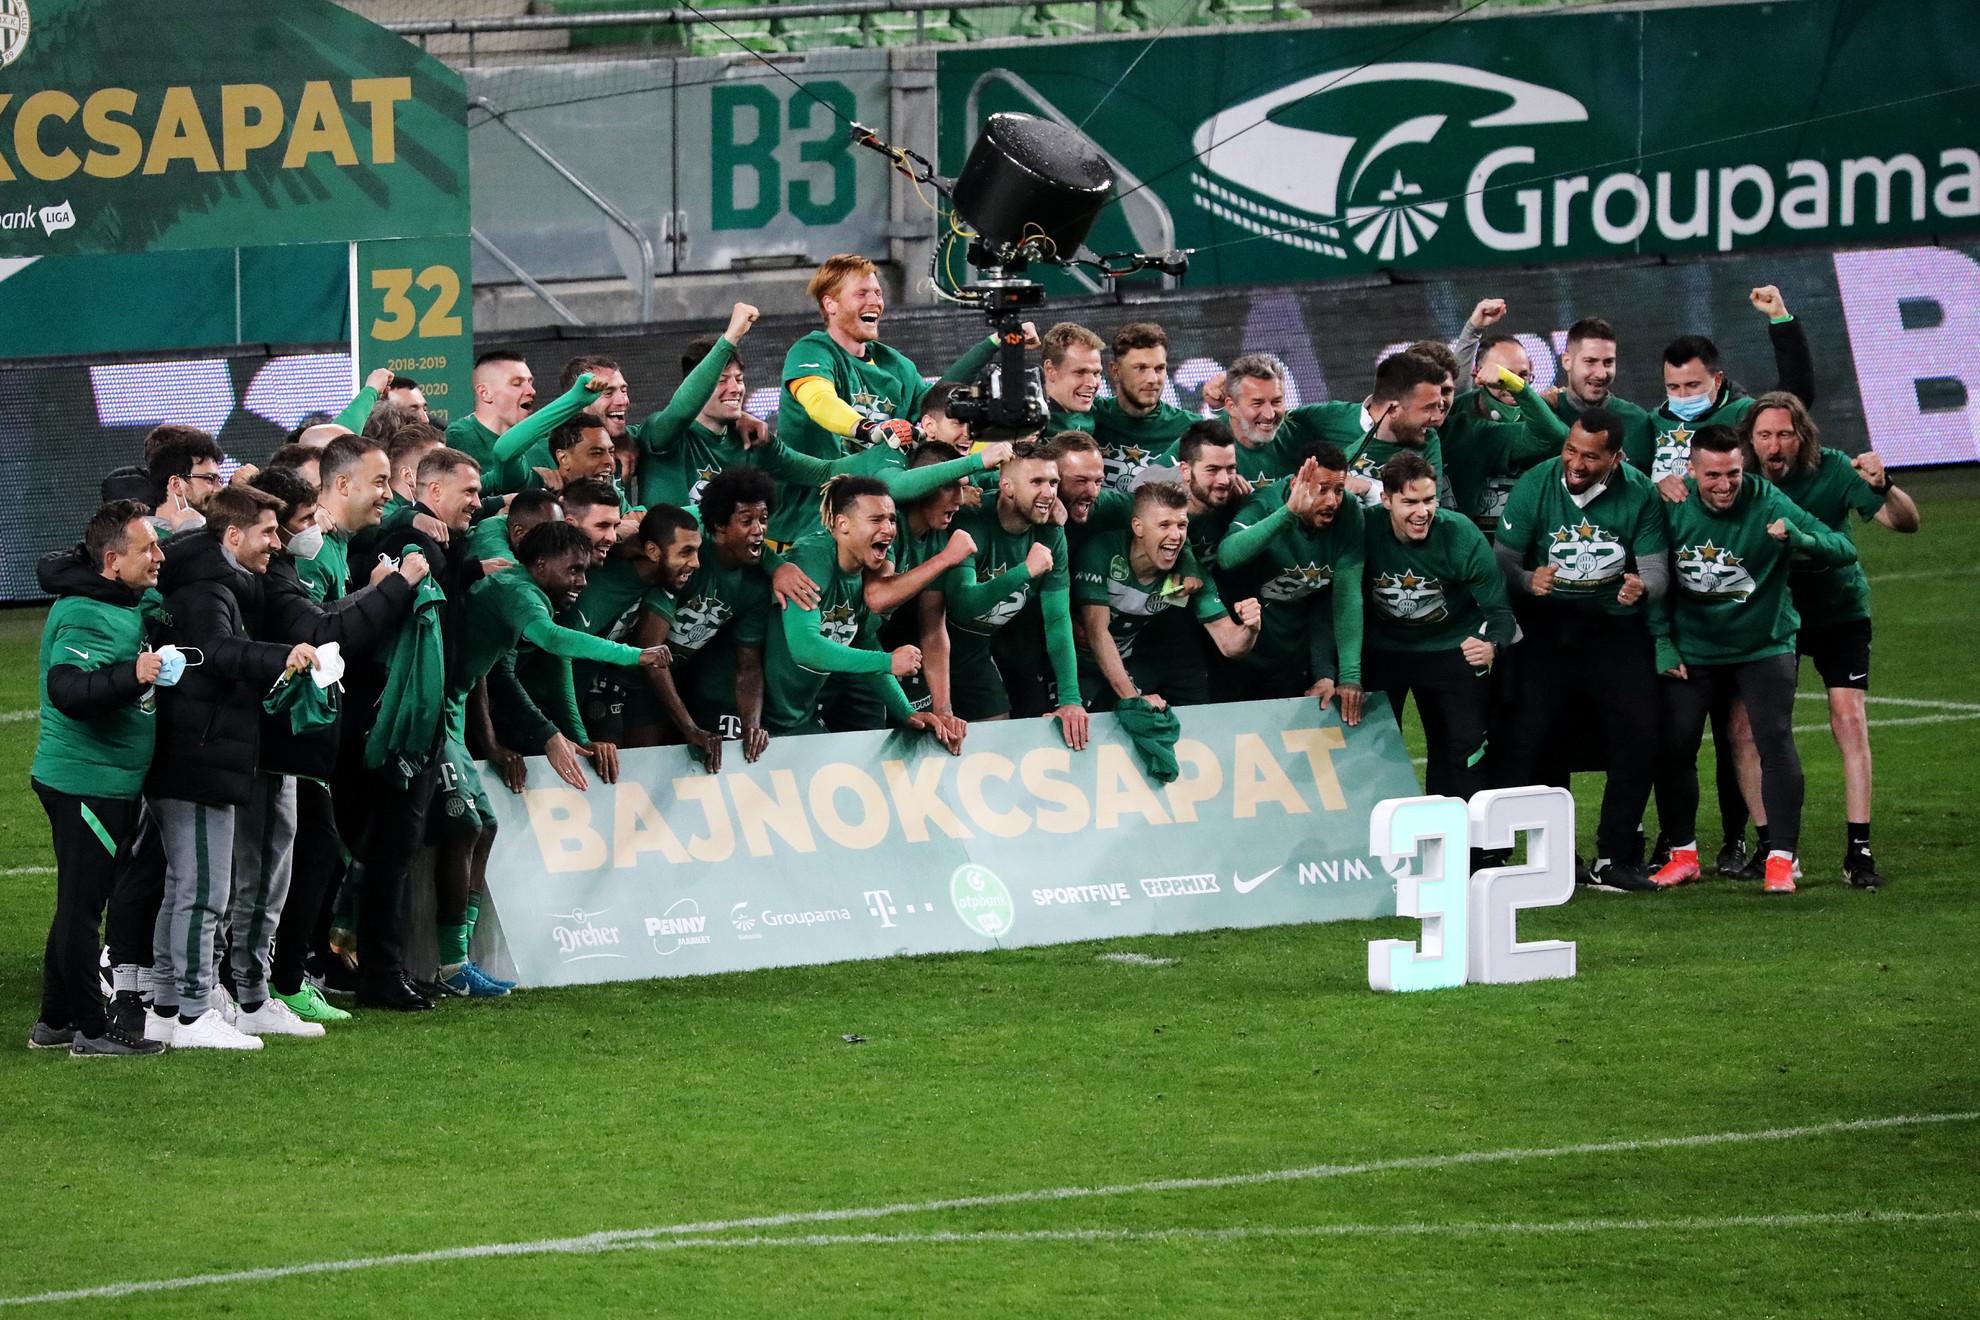 Sorozatban harmadszor, története során 32. alkalommal lett bajnok a Ferencváros